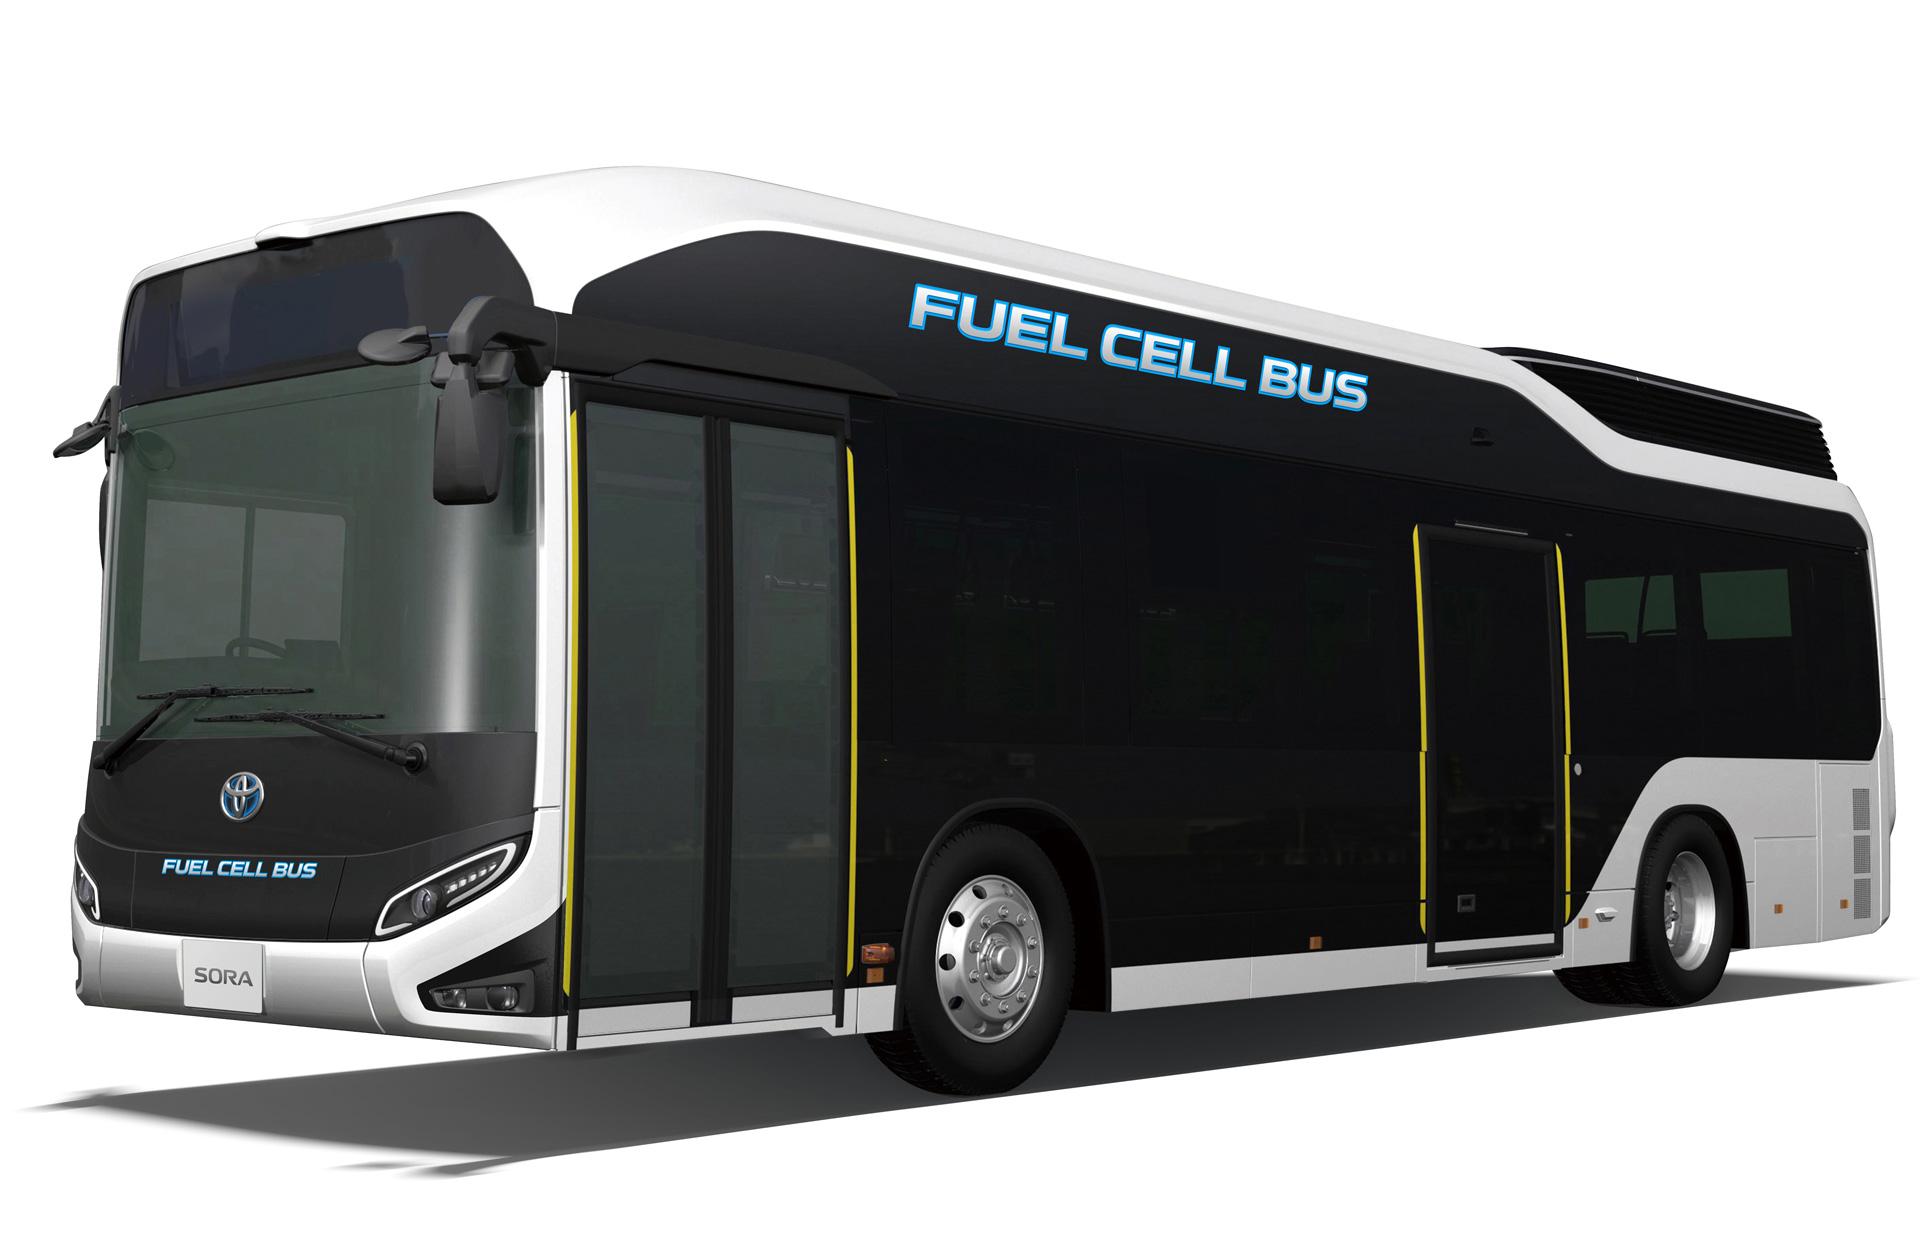 丰田氢燃料电池大巴Sora投产 2020年服役奥运会